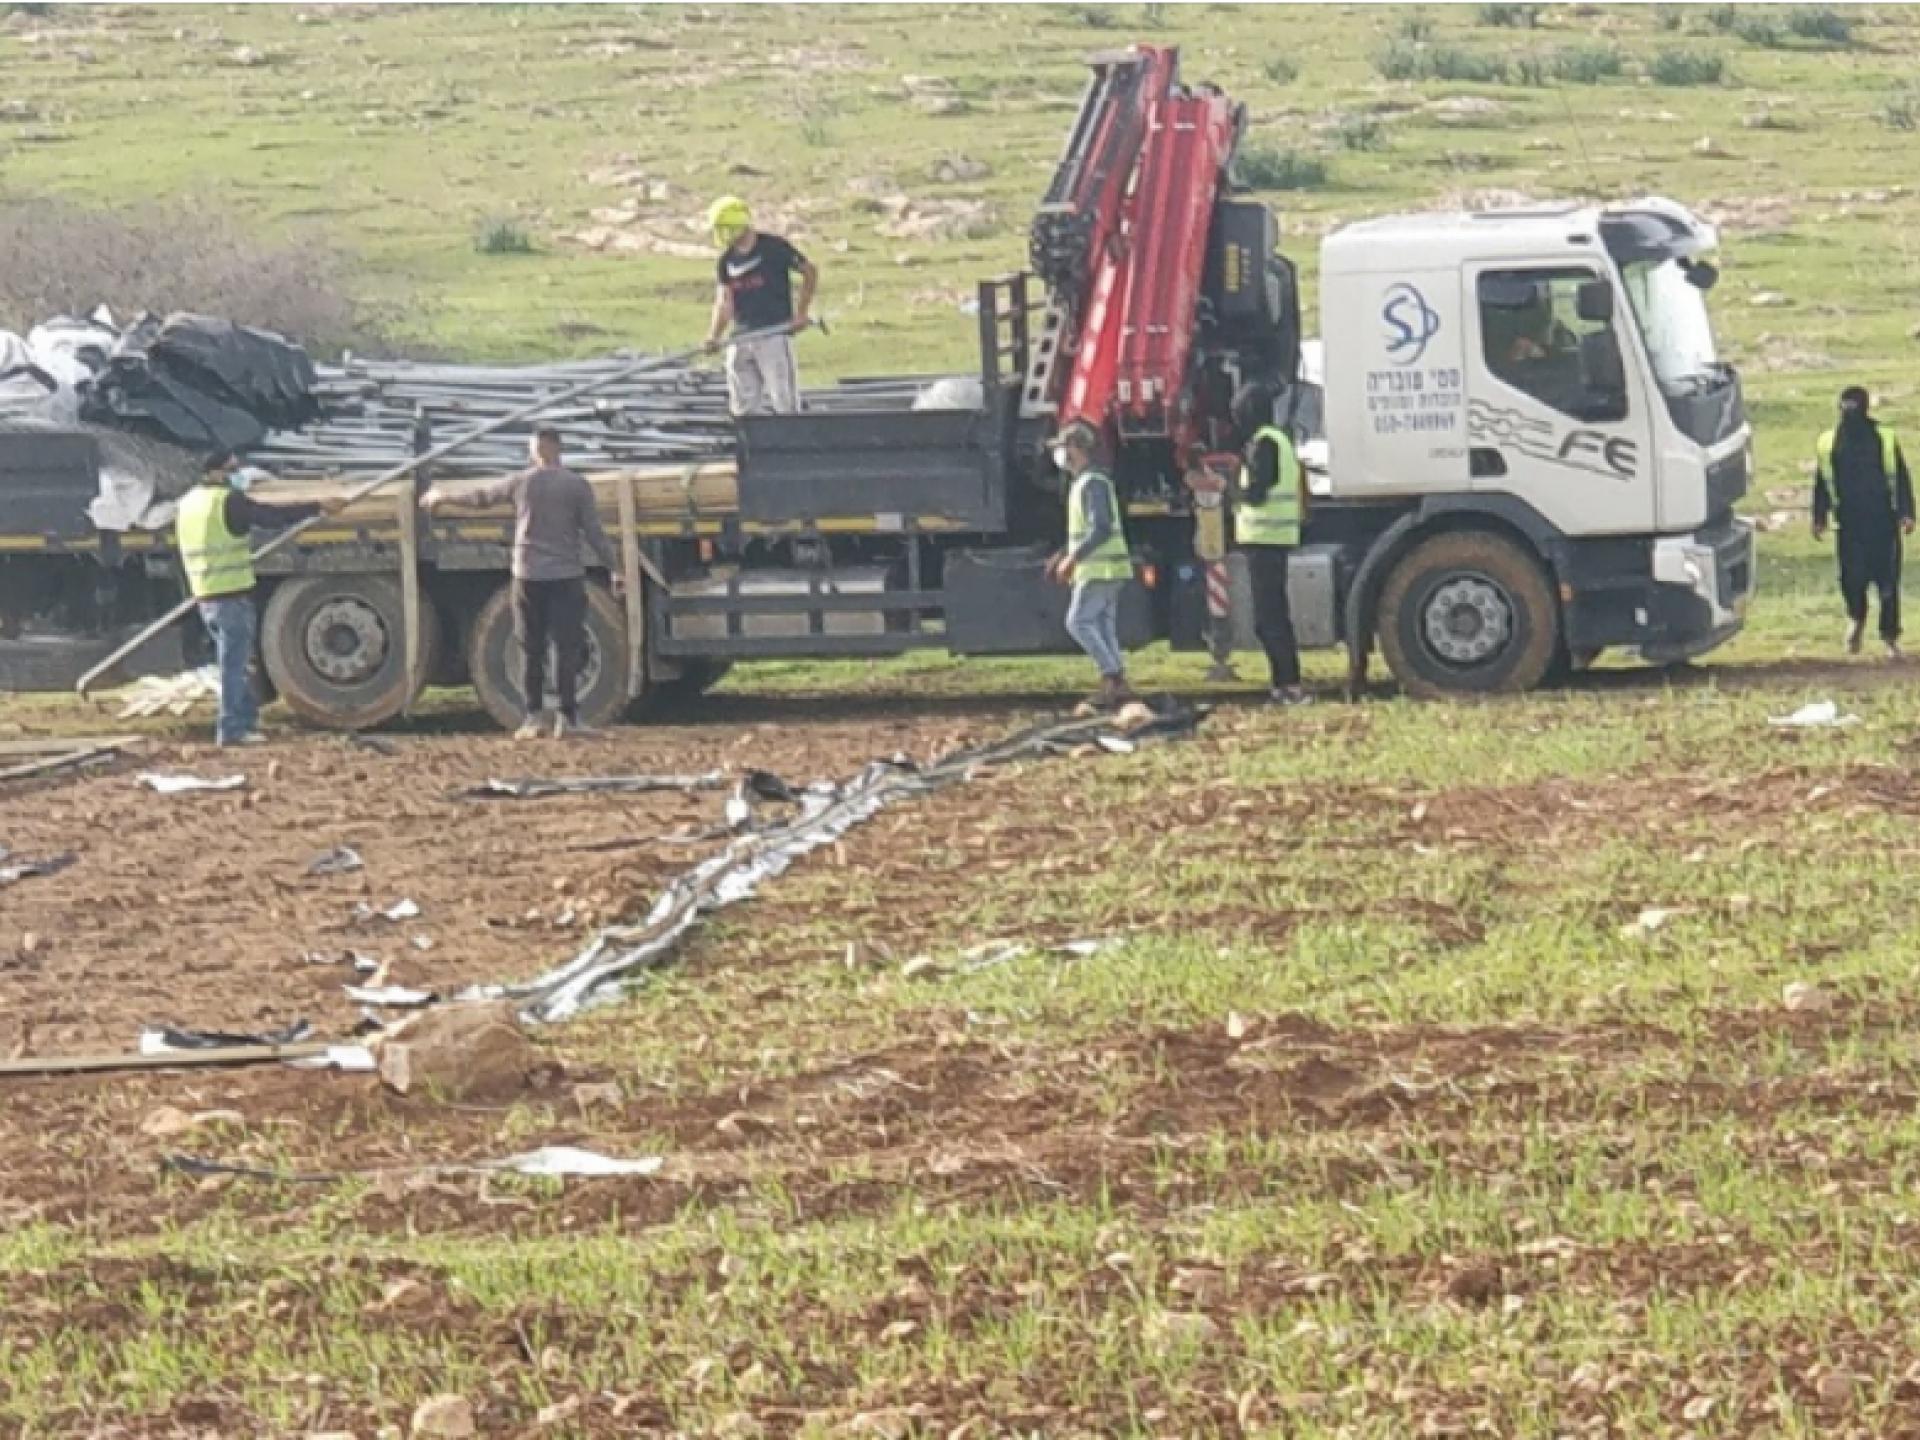 משאית מנוף עומדת בשטח הפתוח, אנשי המינהל האזרחי מעמיסים עליה ציוד של המאהל הפלסטיני שנלקח מהם